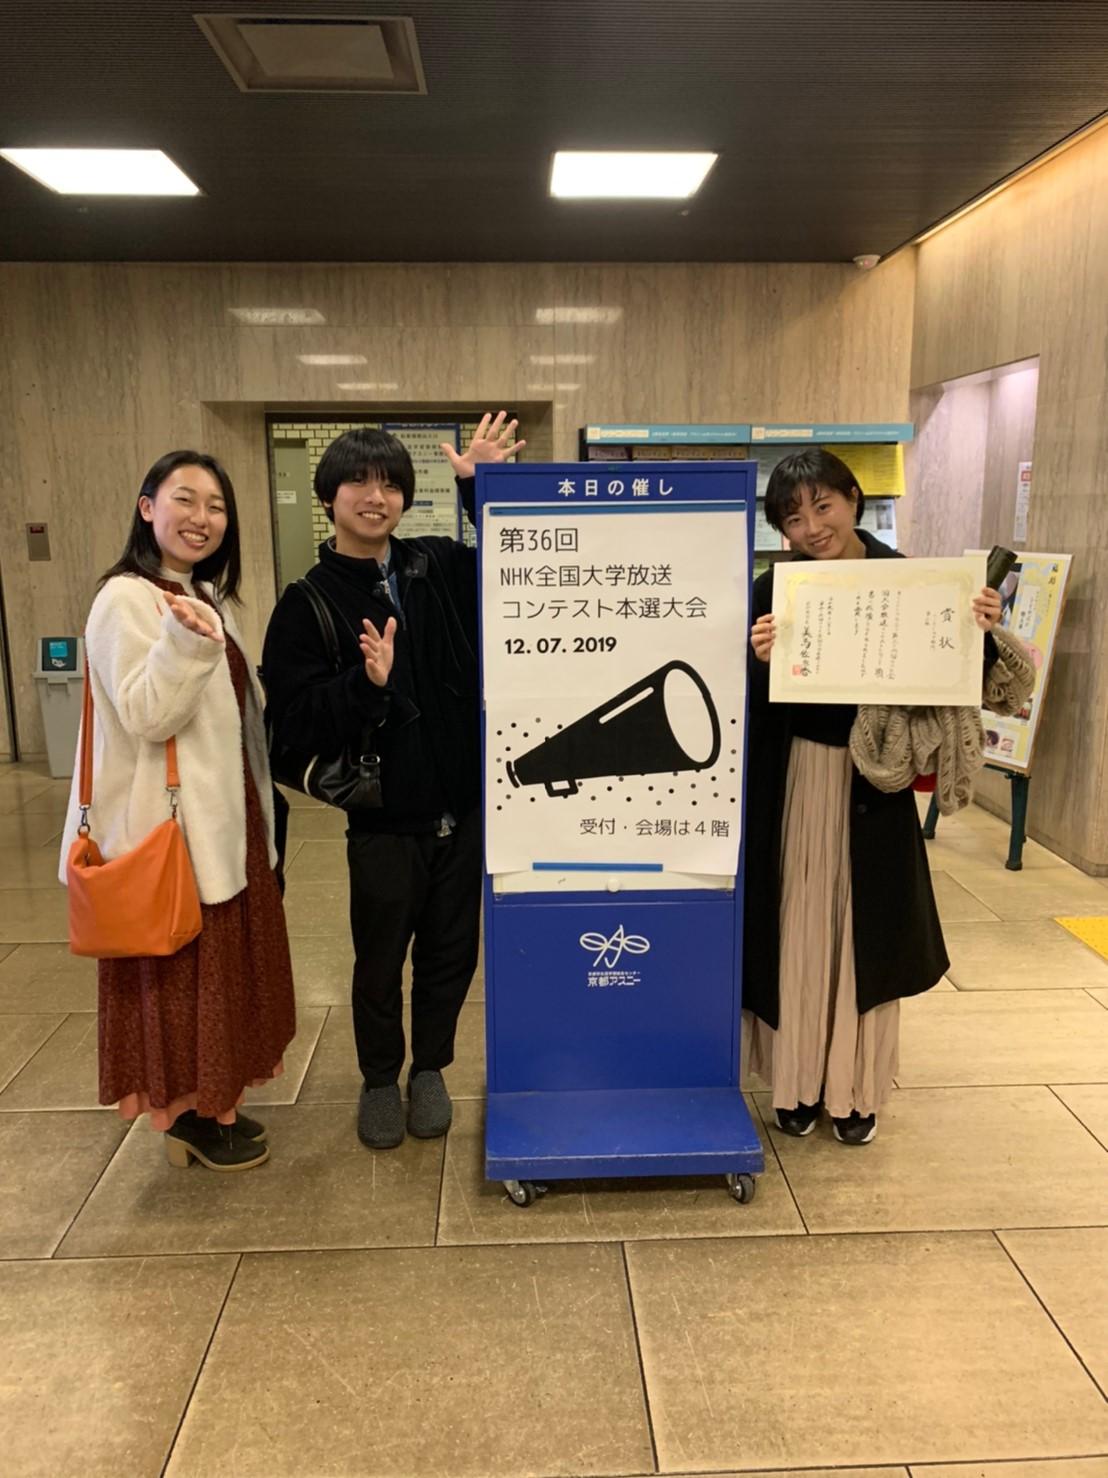 ラジオドラマ部門第三位『Colored Glasses』の三人